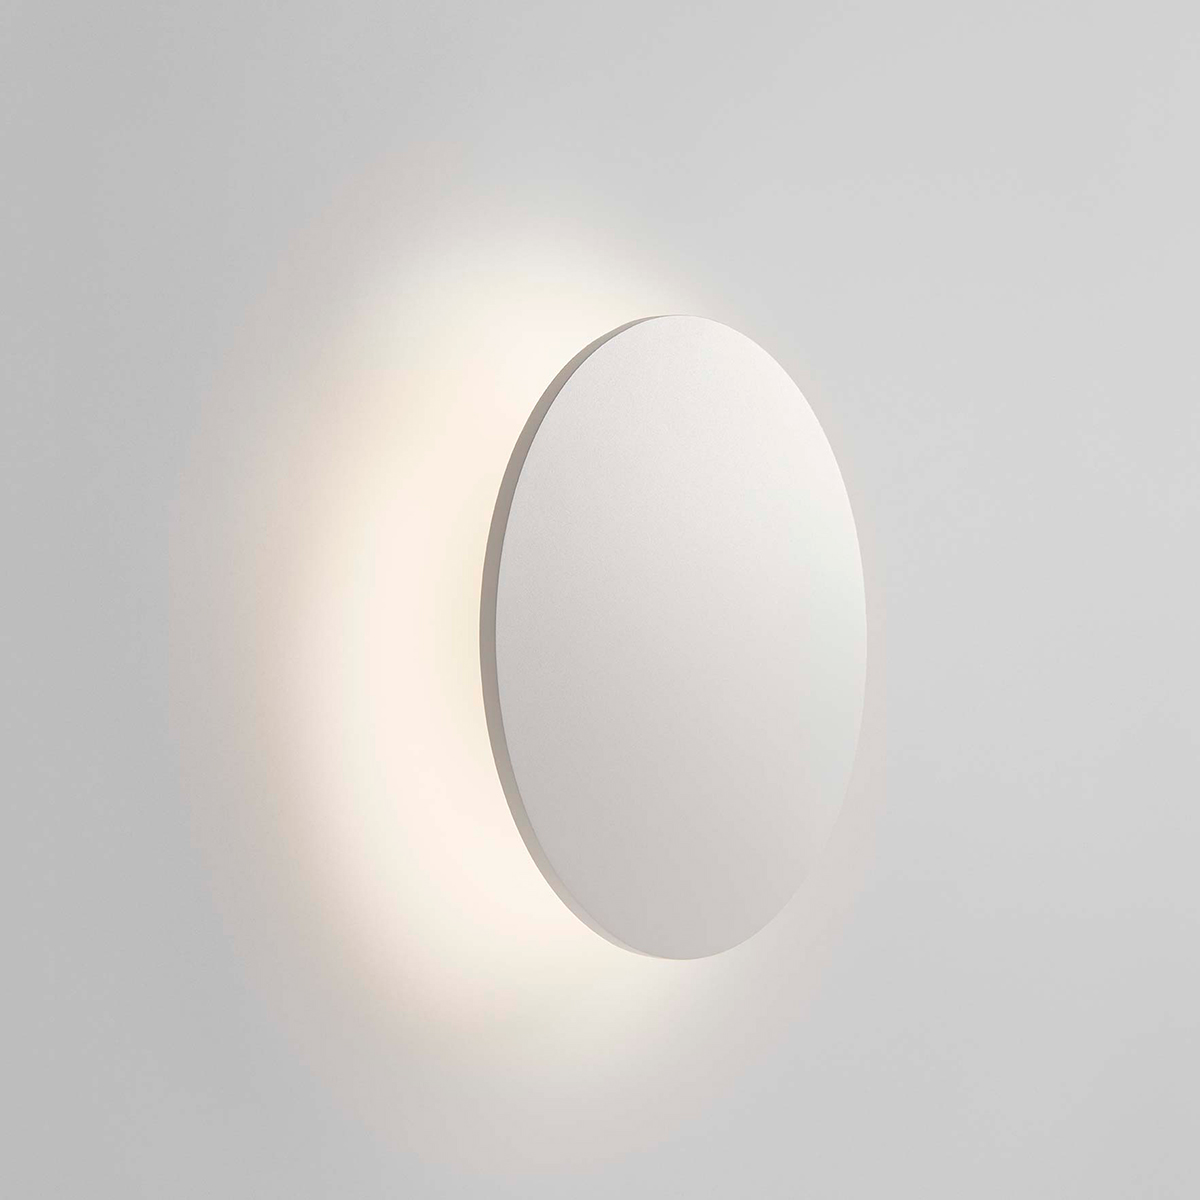 Light Point SoHo Wall Lamp